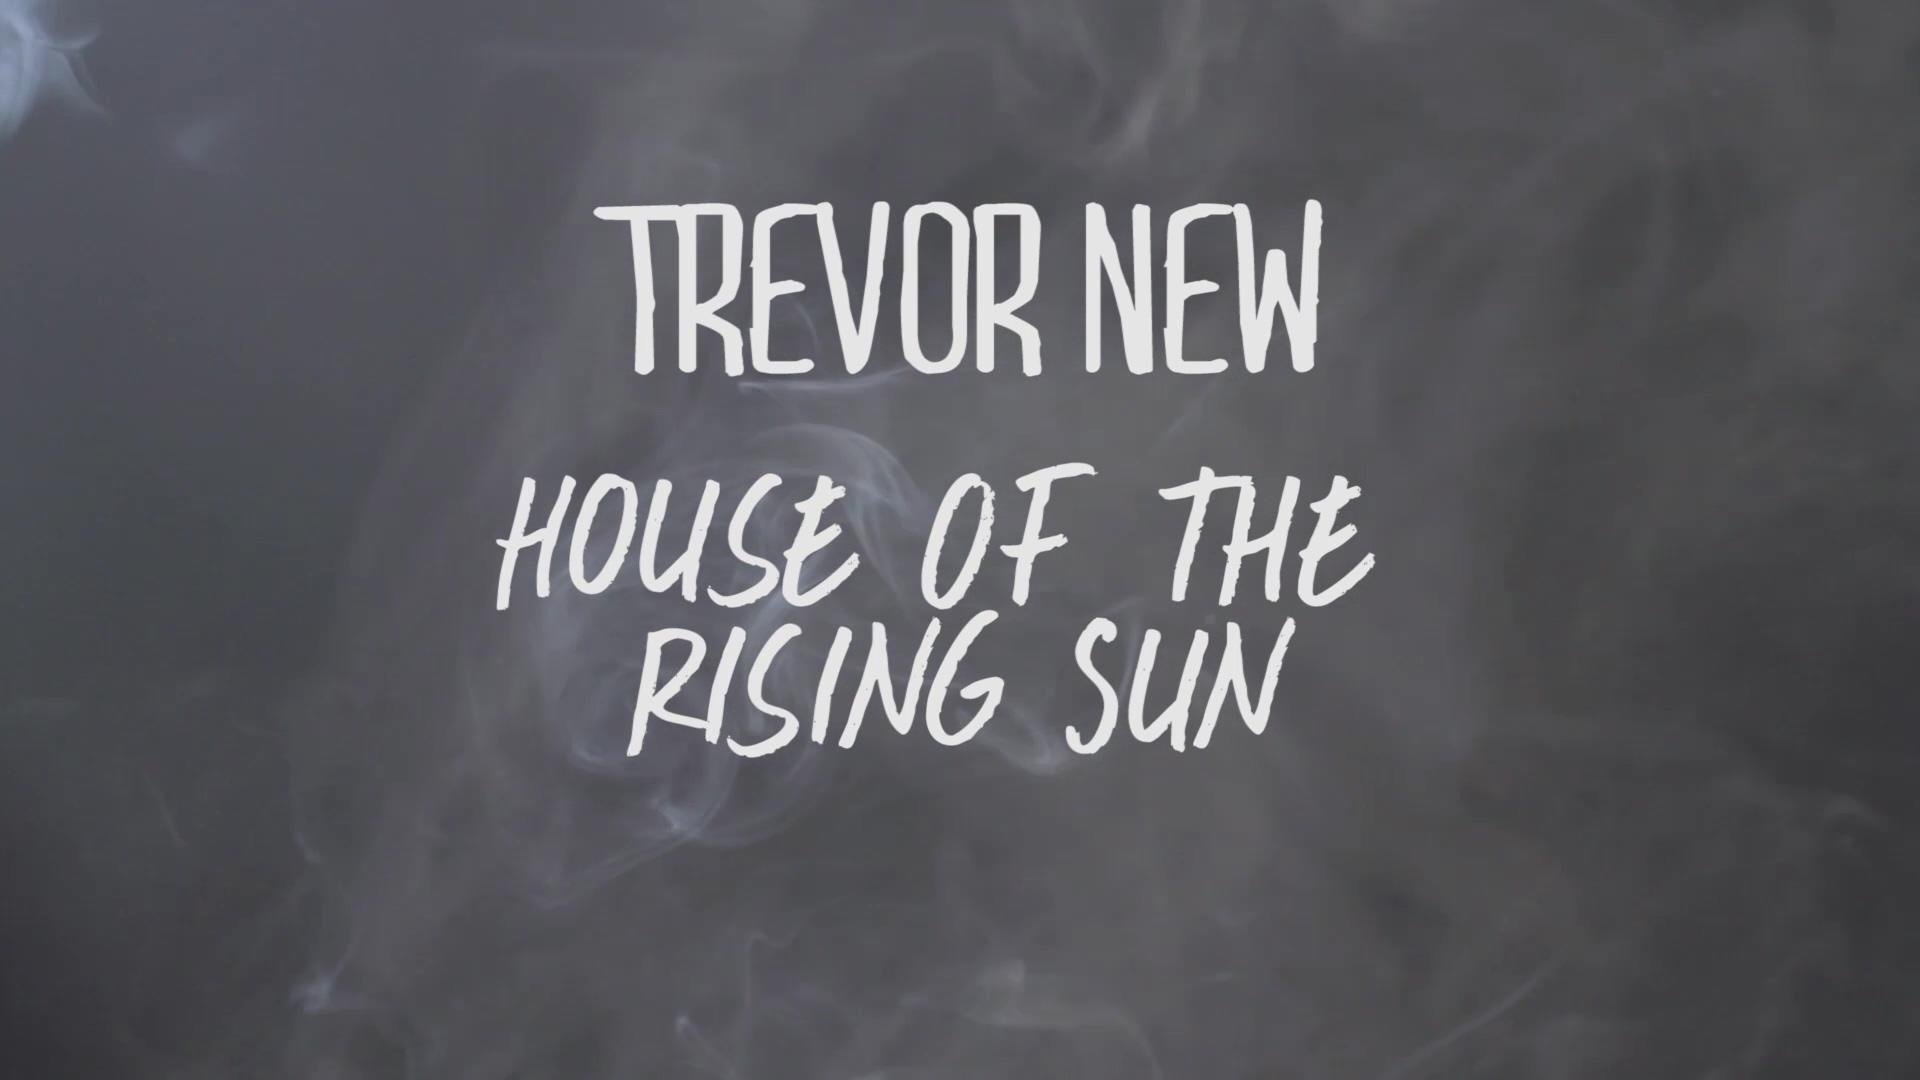 Trevor New